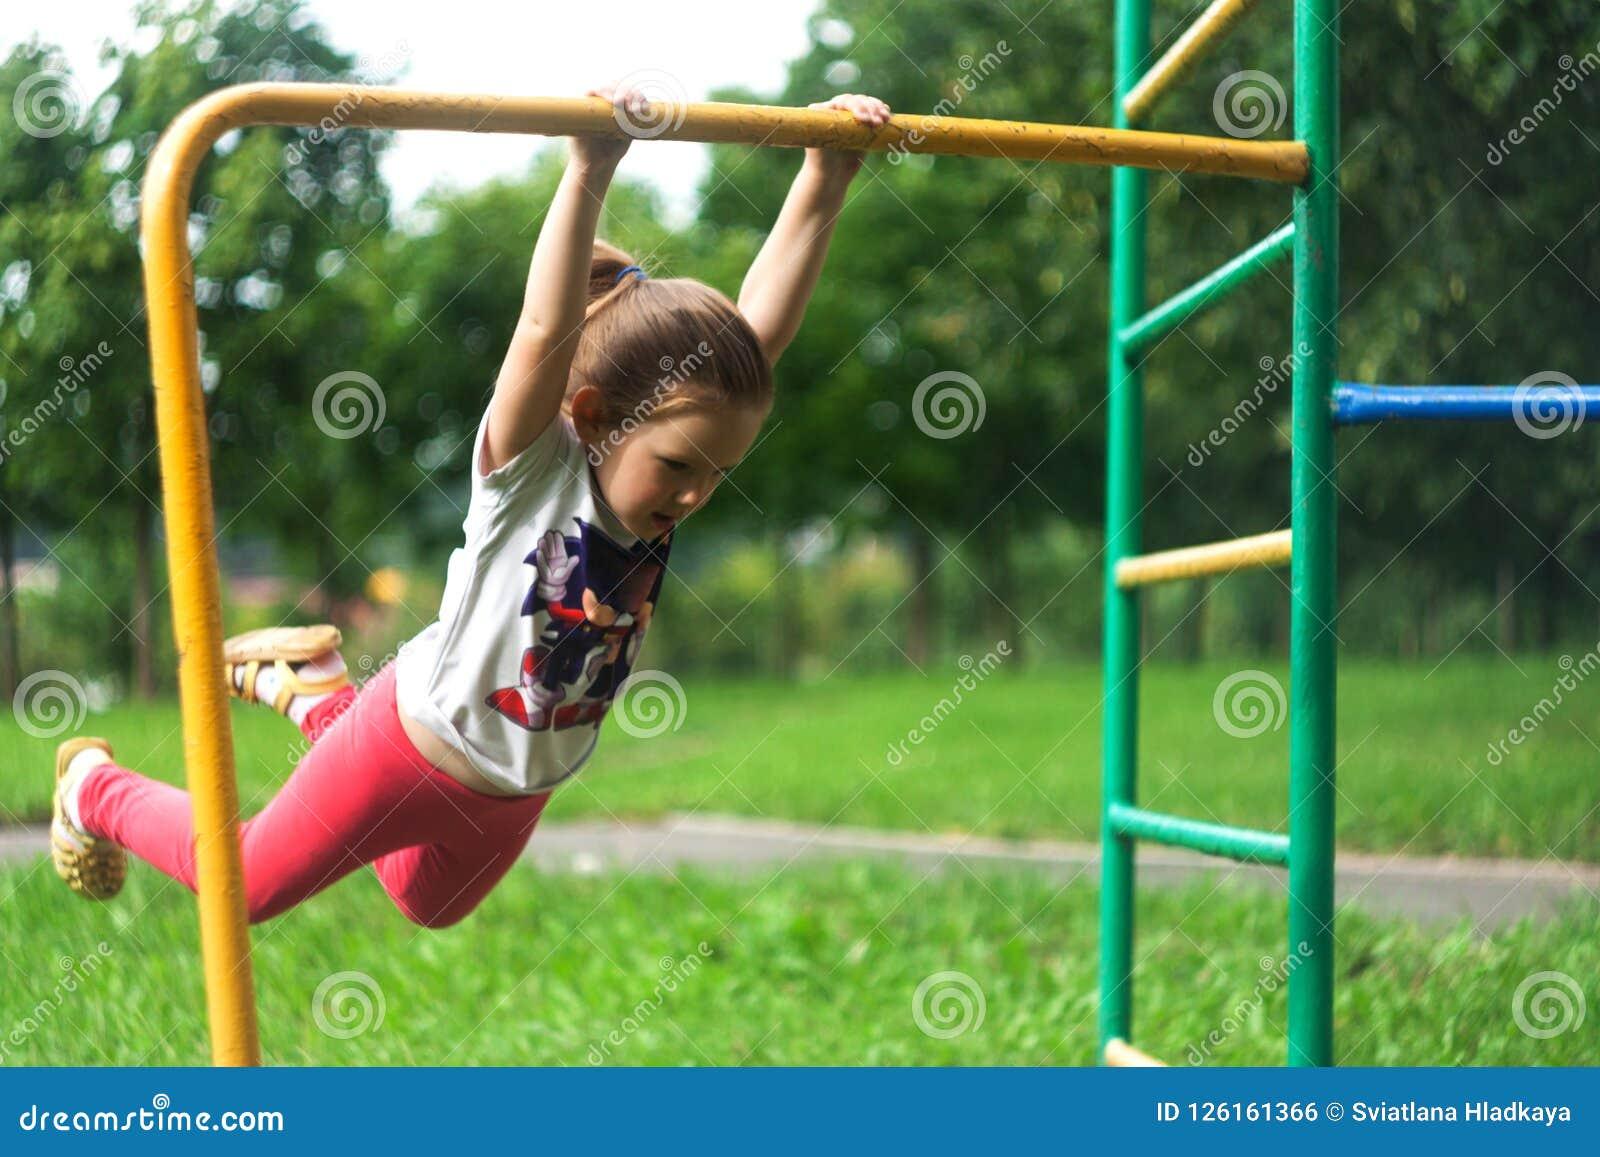 一个小女孩在标志横线摇摆